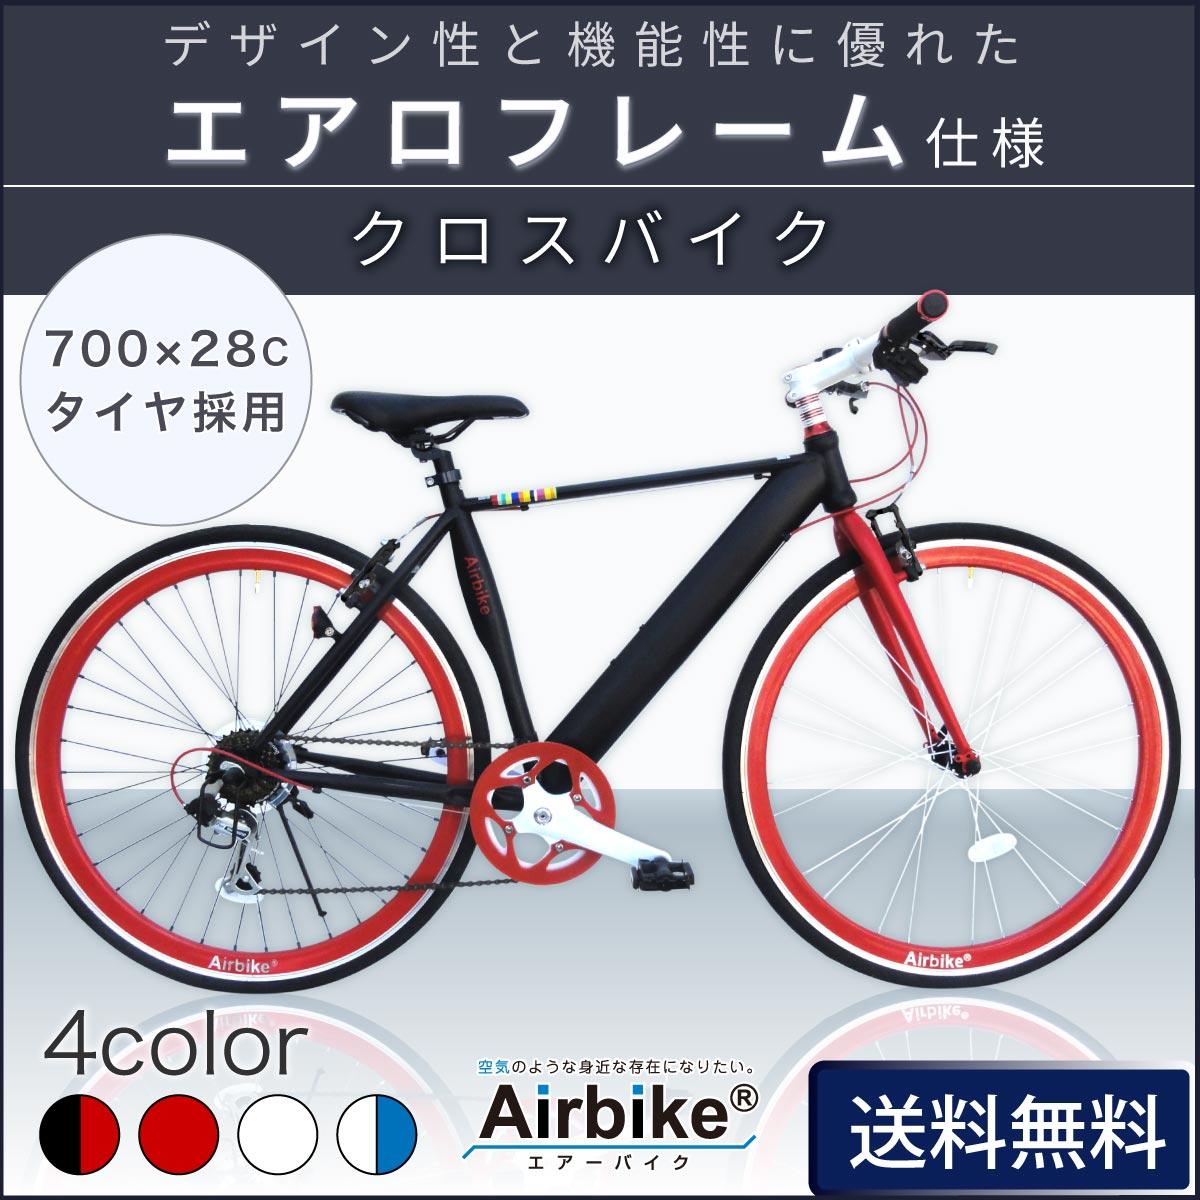 【安心の日本メーカー】クロスバイク シマノ製7段変速 エアロフレーム採用 700c(約27インチ) 自転車 ママチャリ 通勤 通学 街乗り Airbike【送料無料】